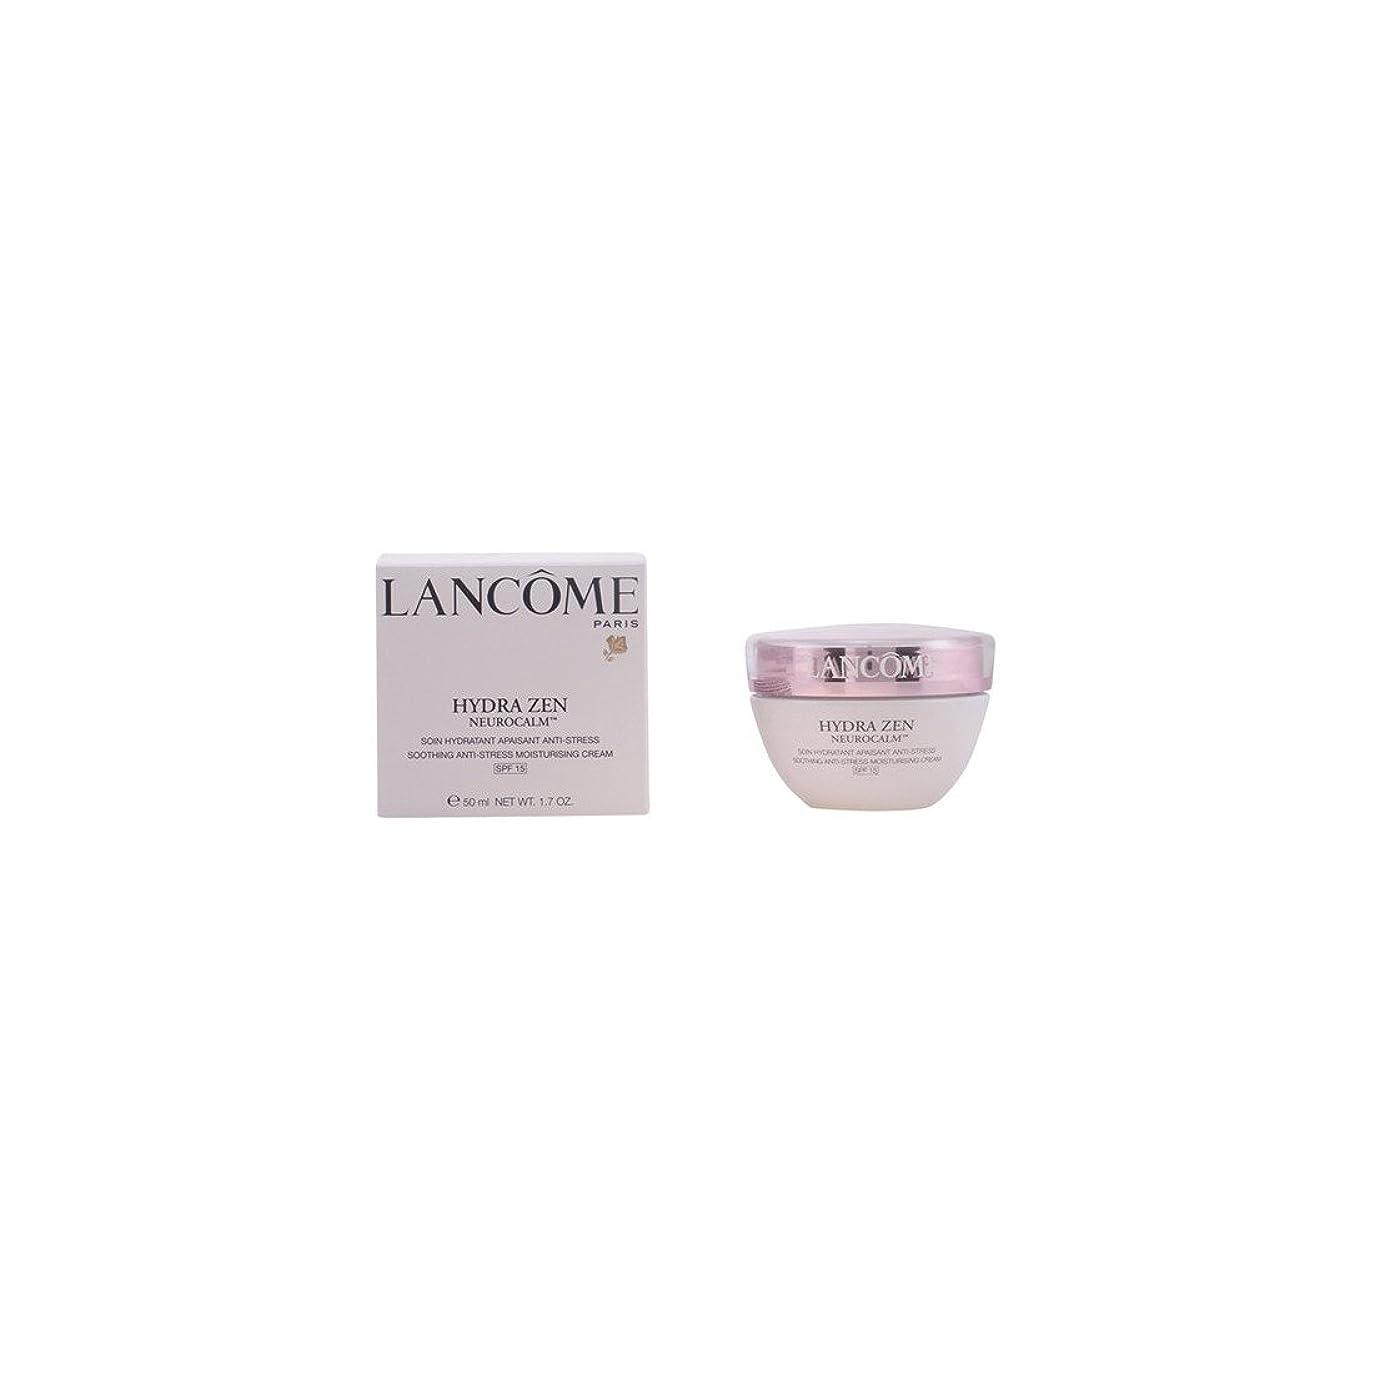 時々突進準備するランコム Hydra Zen Anti-Stress Moisturising Cream SPF15 - All Skin Types 50ml/1.7oz並行輸入品